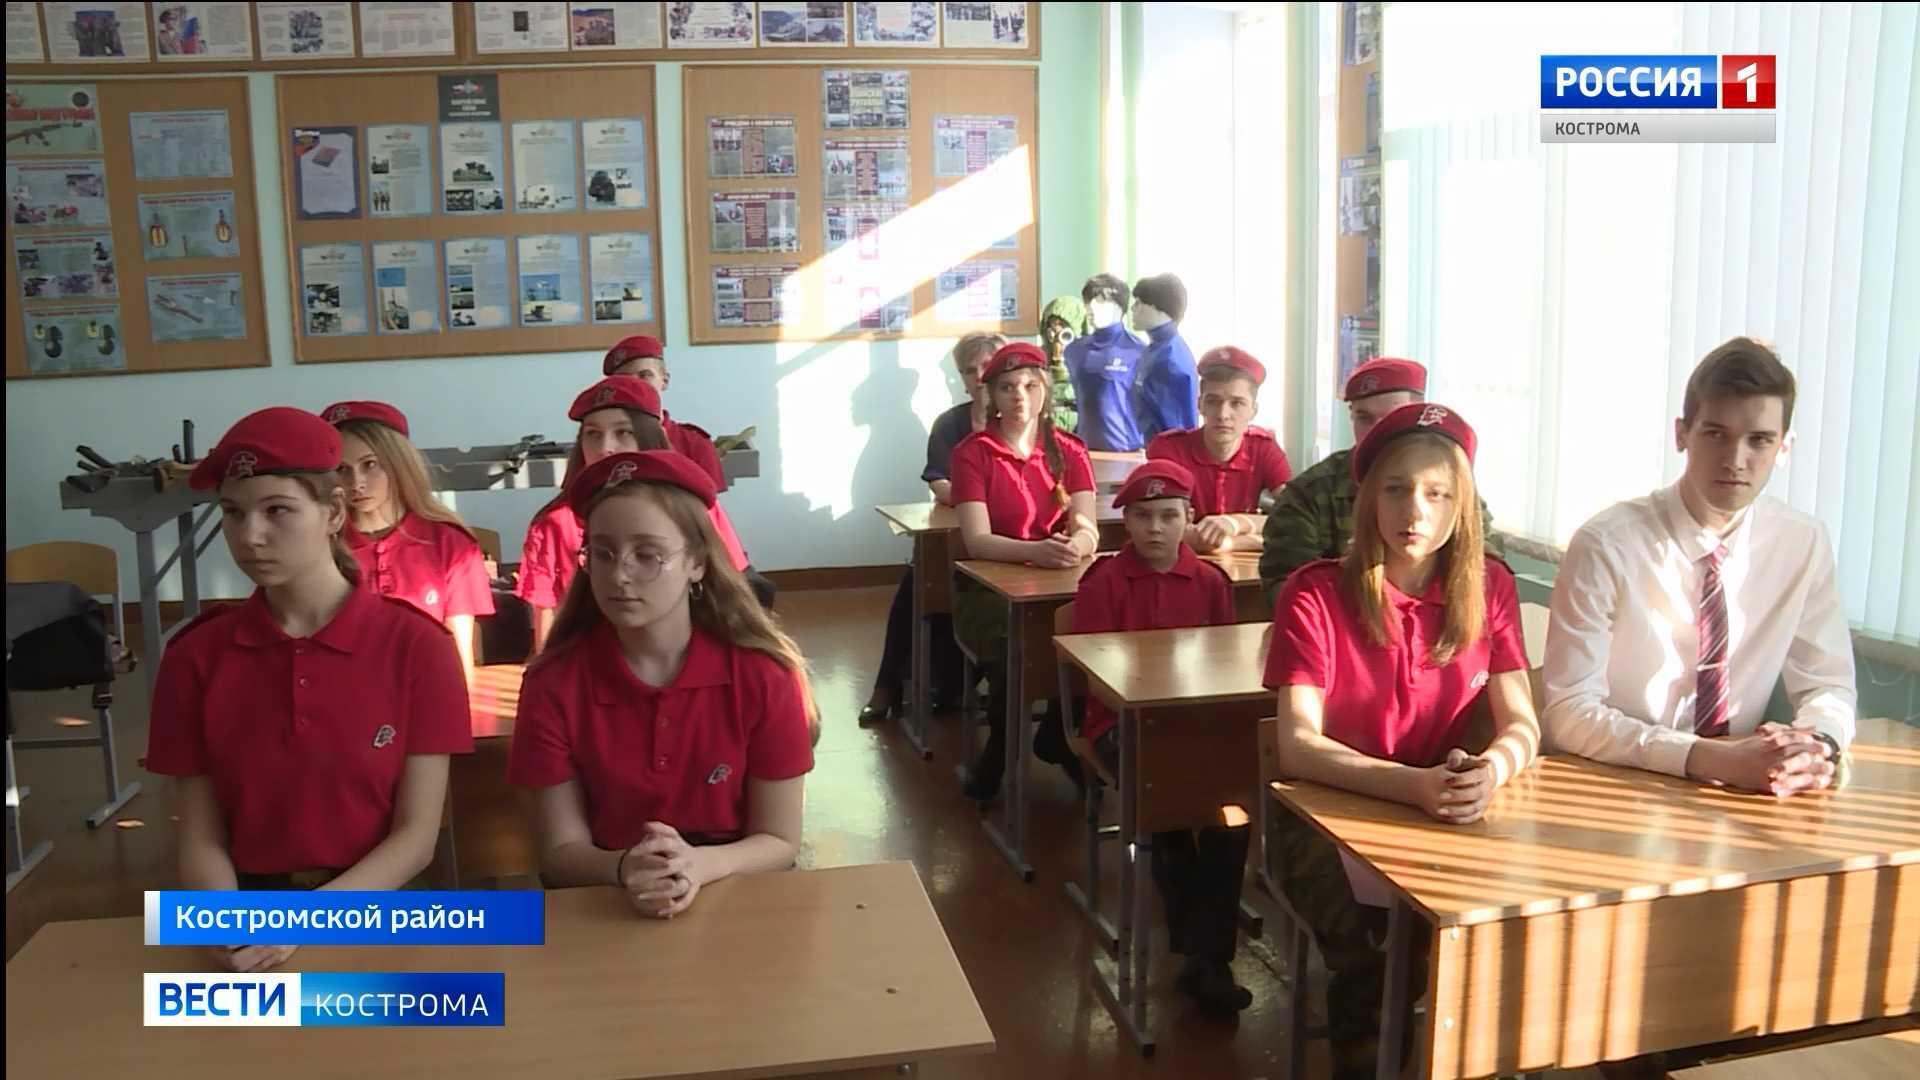 Школа под Костромой растит детей в малиновых беретах